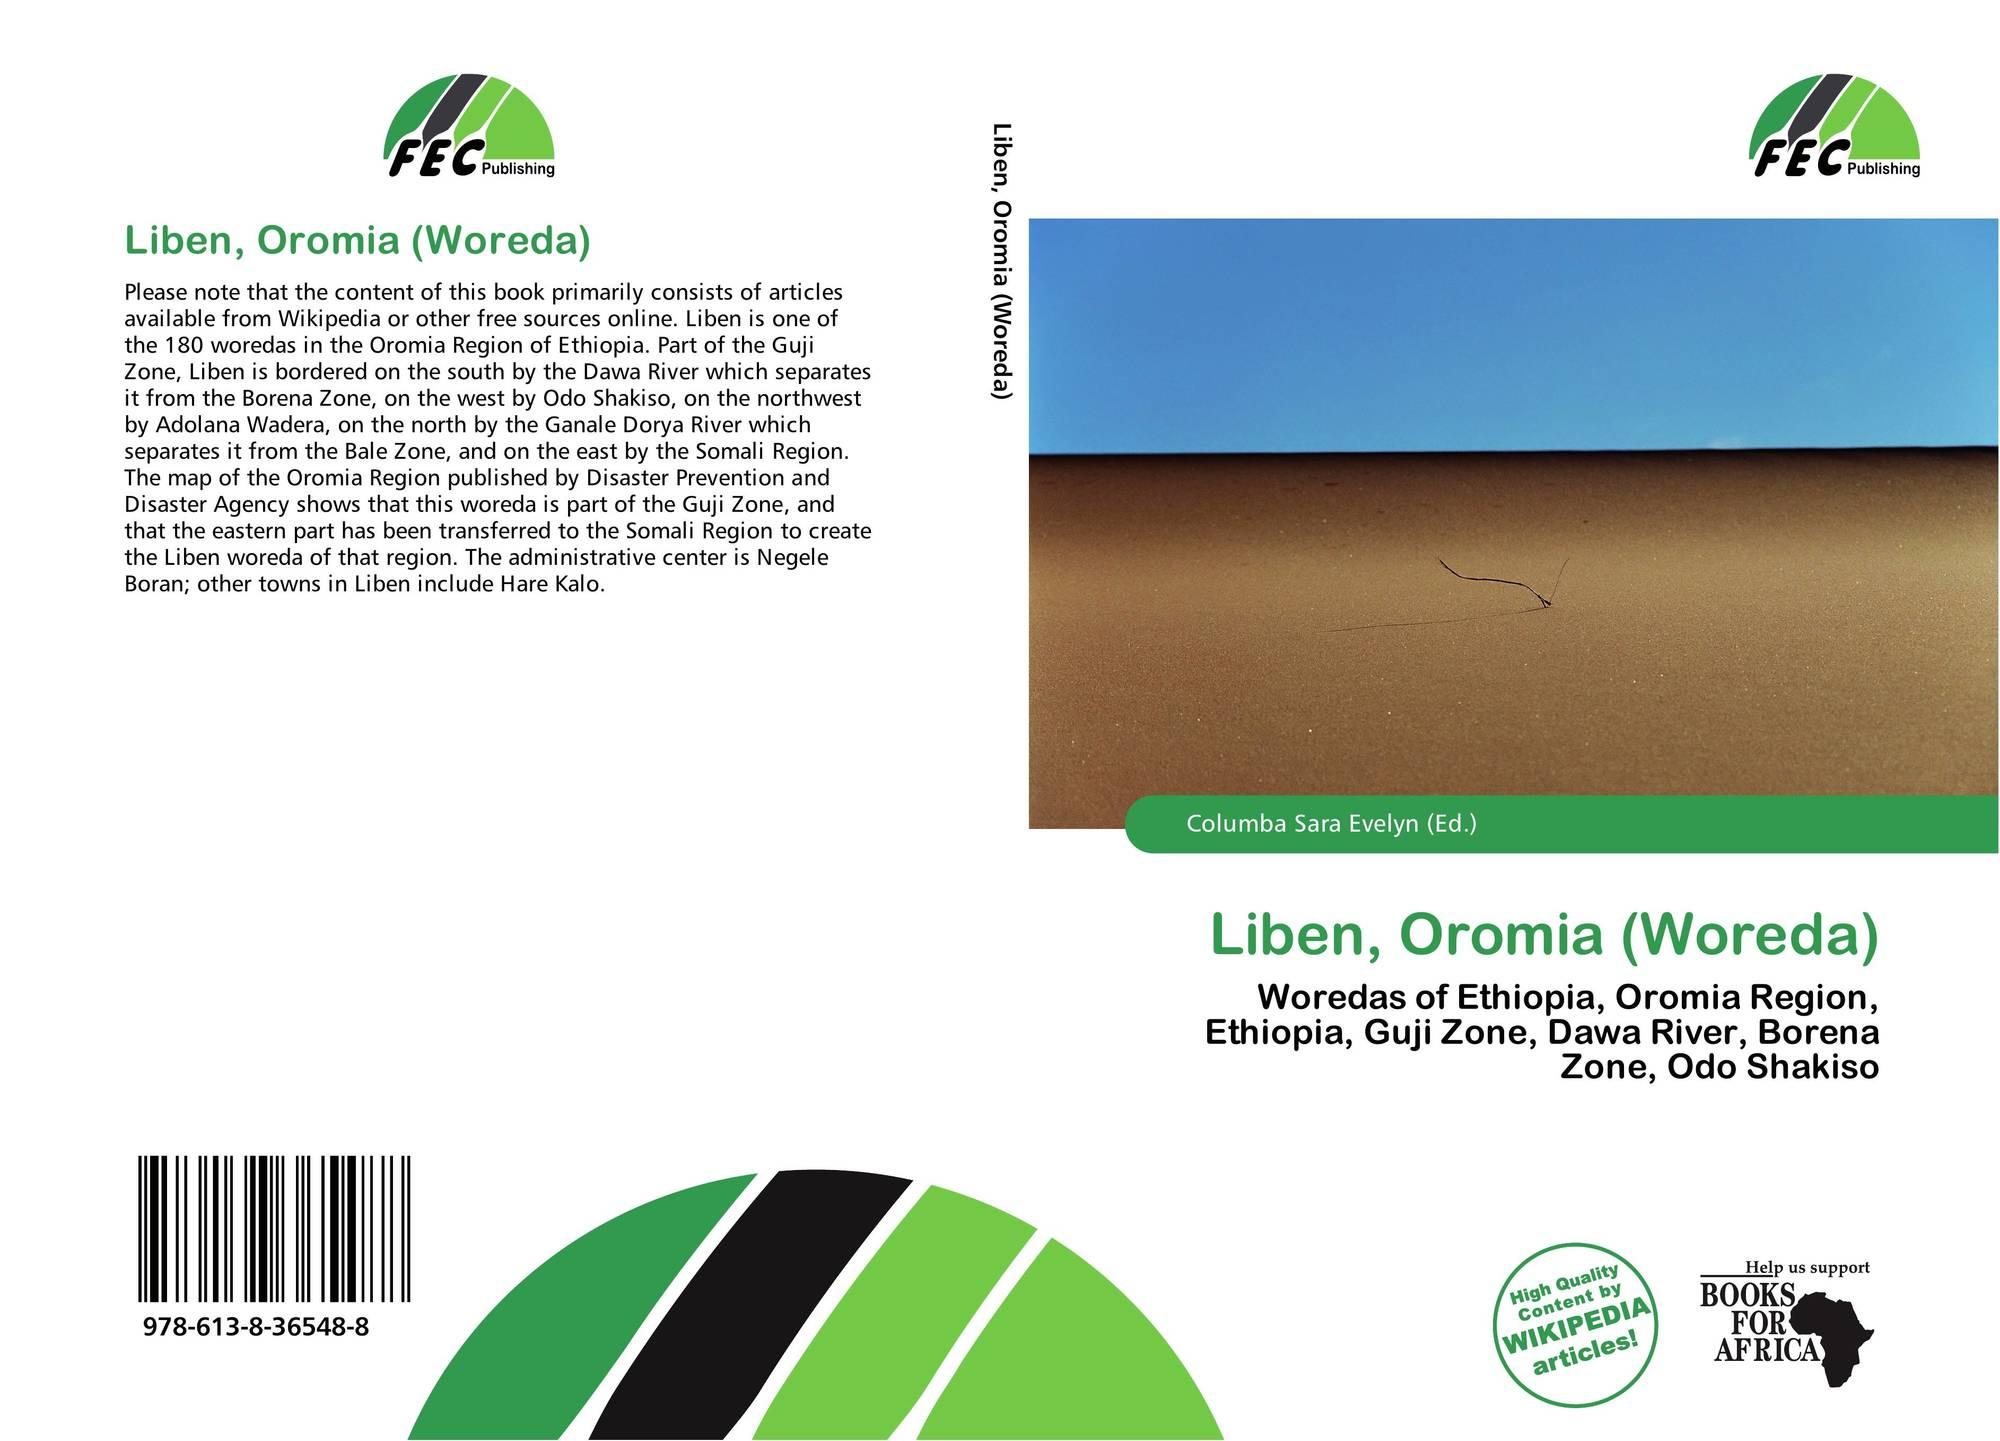 Liben, Oromia (Woreda), 978-613-8-36548-8, 6138365488